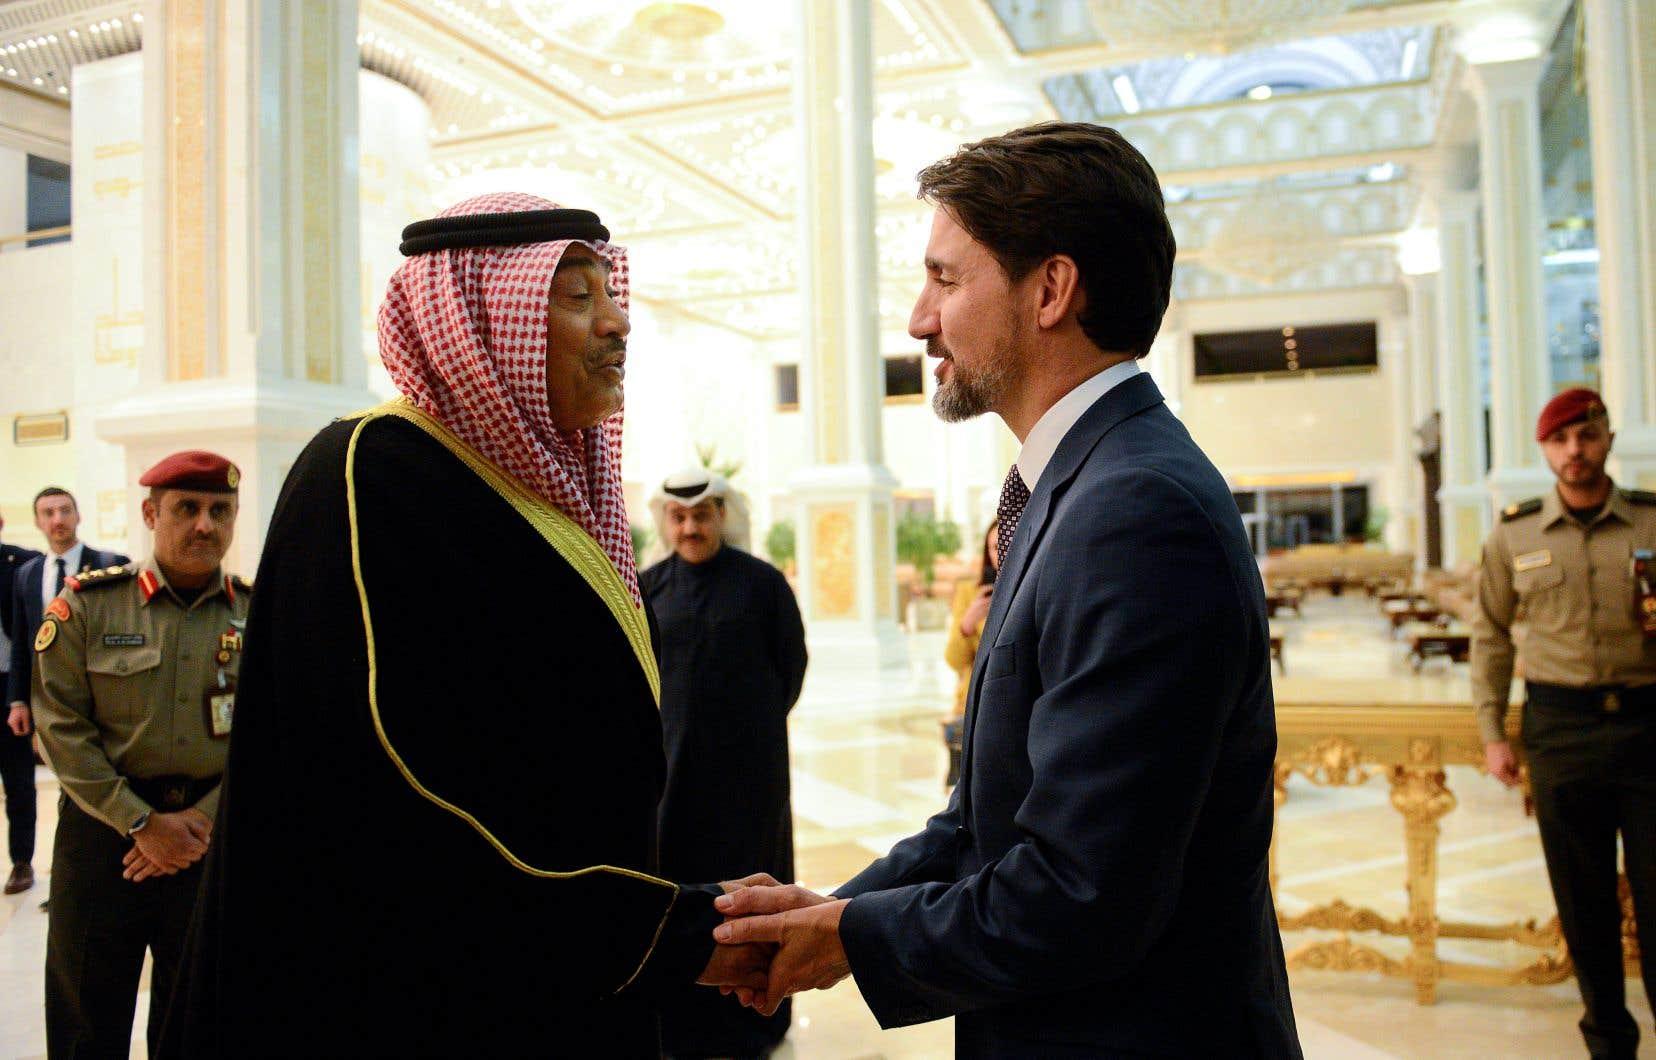 Justin Trudeau était de passage au Koweït lundi dans le cadre d'un voyage qui l'a mené en Afrique et le mènera aussi en Allemage.